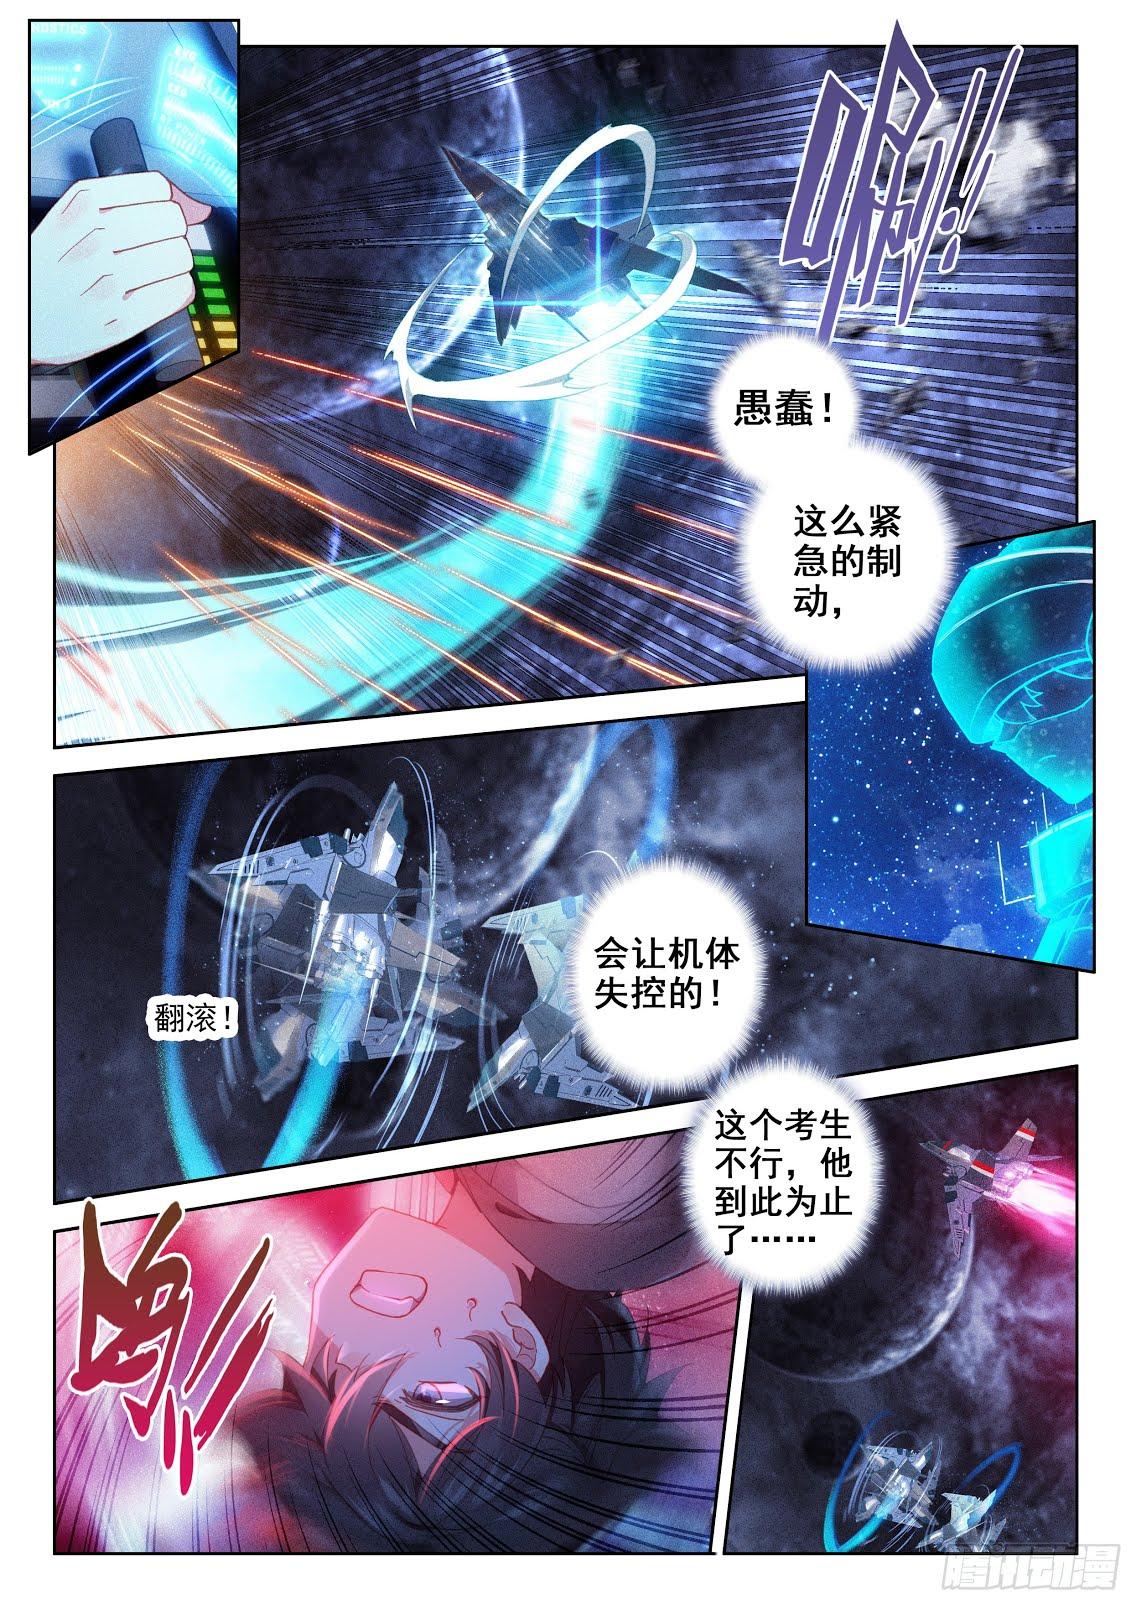 斗羅大陸4終極斗羅: 141话 僚机 - 第8页